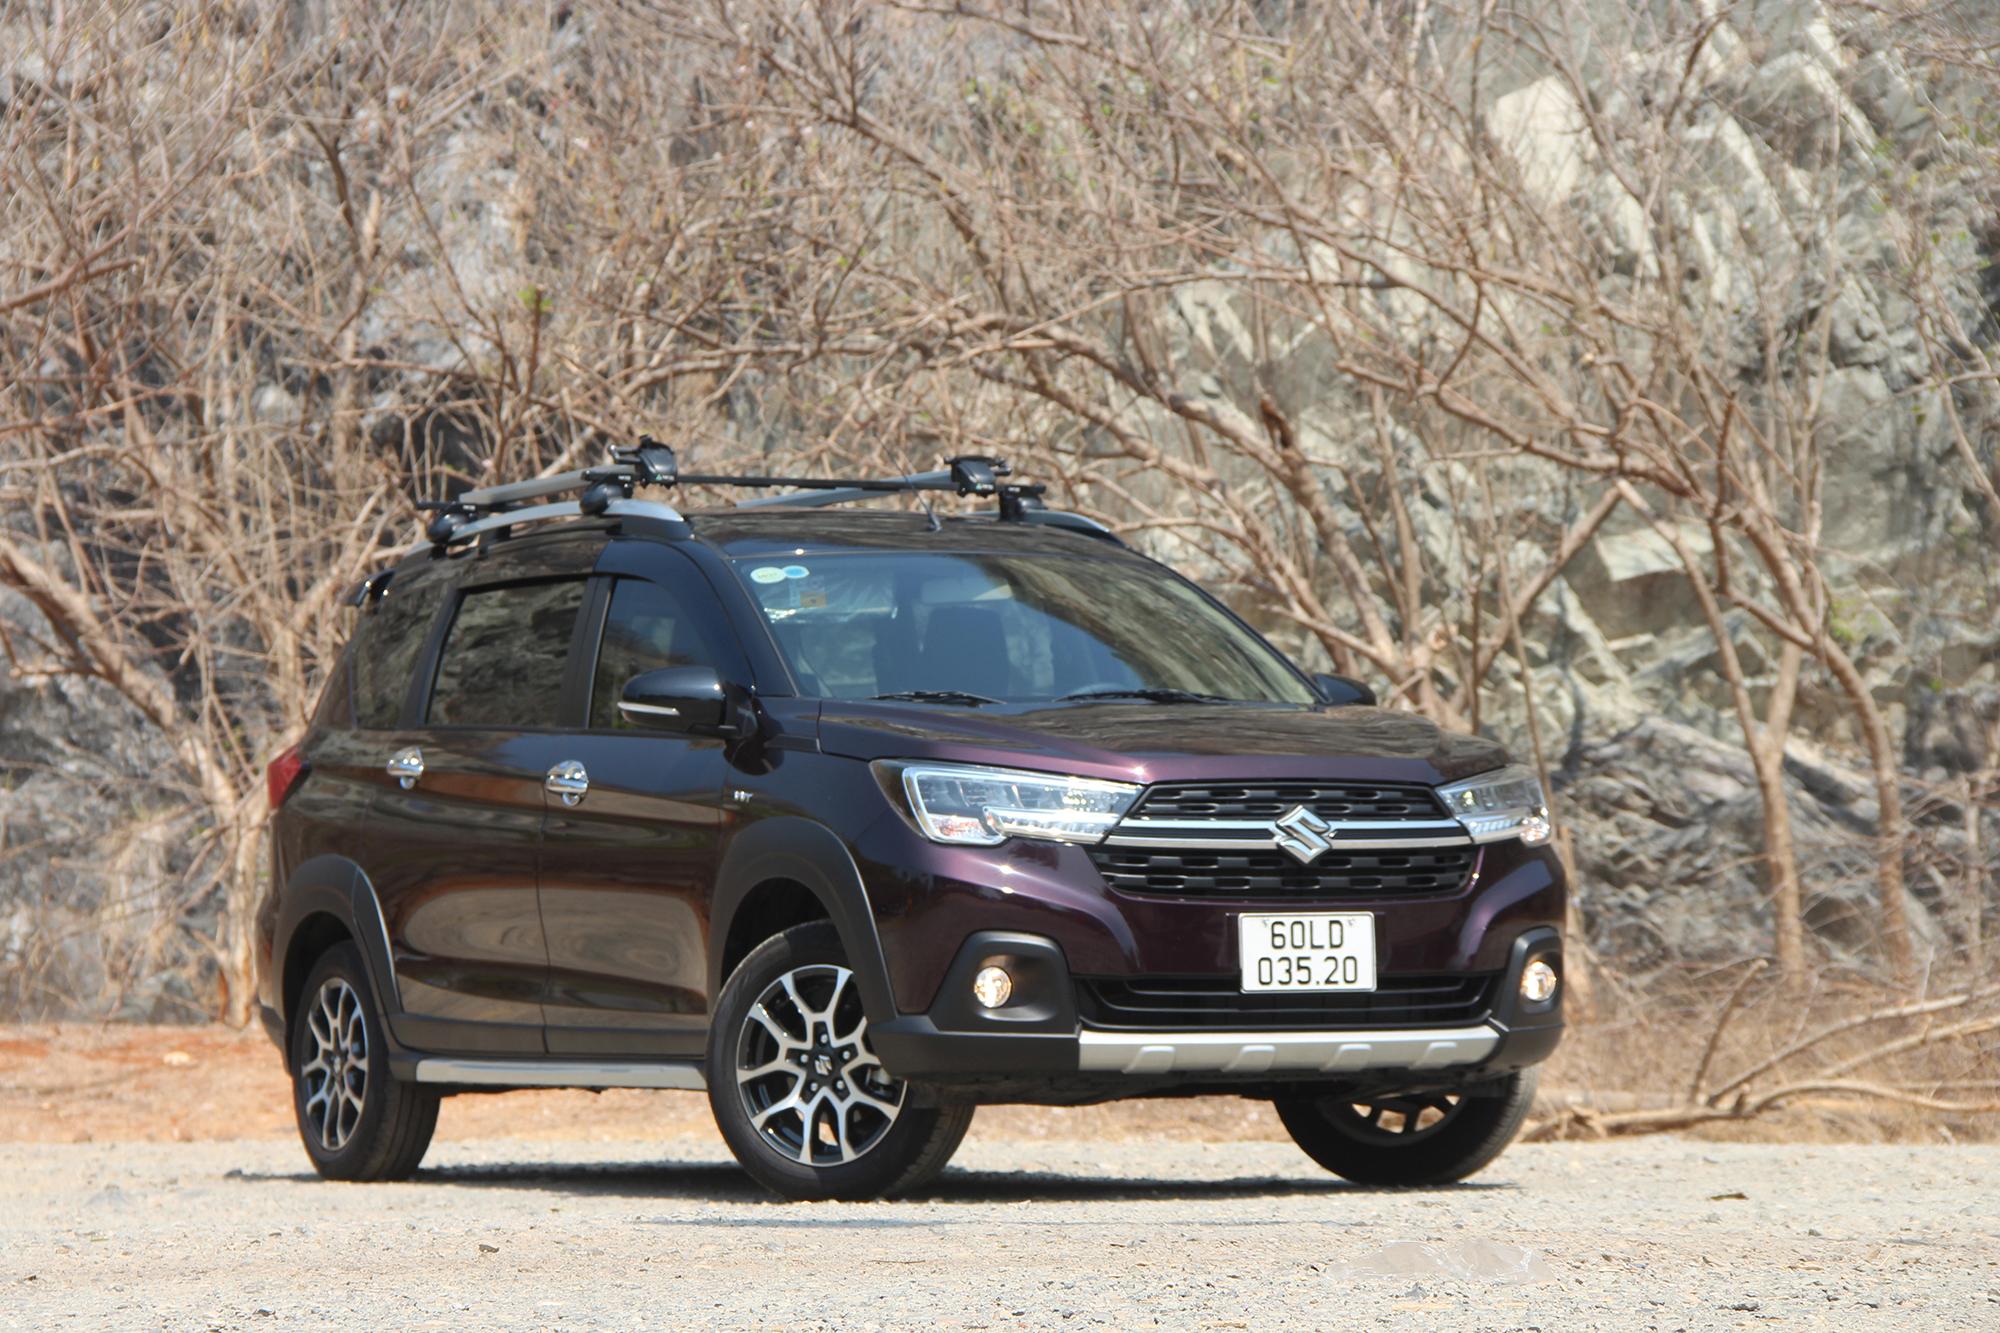 Mẫu XL7 chiếm doanh số chính trong mảng xe con của Suzuki tại Việt Nam. Ảnh: Thành Nhạn